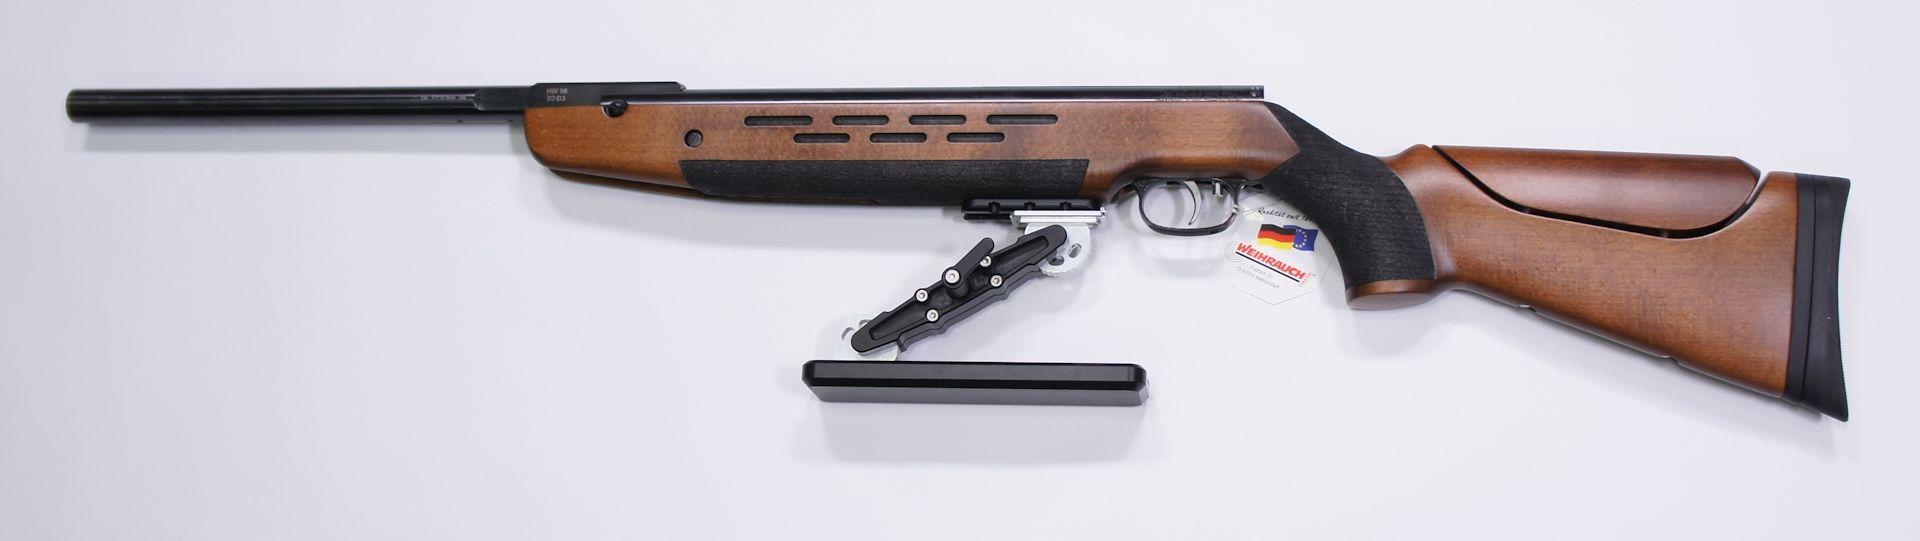 Montagebeispiel am Luftgewehr HW 98 FT und mittes dieser UIT Schiene befestigtem <a href=1131630-K1.htm> Hamster </a>. Wer sich für eine UIT Schiene interesiert, sollte diesen <a href=1131630-K1.htm> Hamster </a>näher angeschaut haben. Der wurde von einem FT Schützen für Schützen entwickelt und hergestellt.  Gegen Aufpreis können die Waffen so konfiguriert werden.